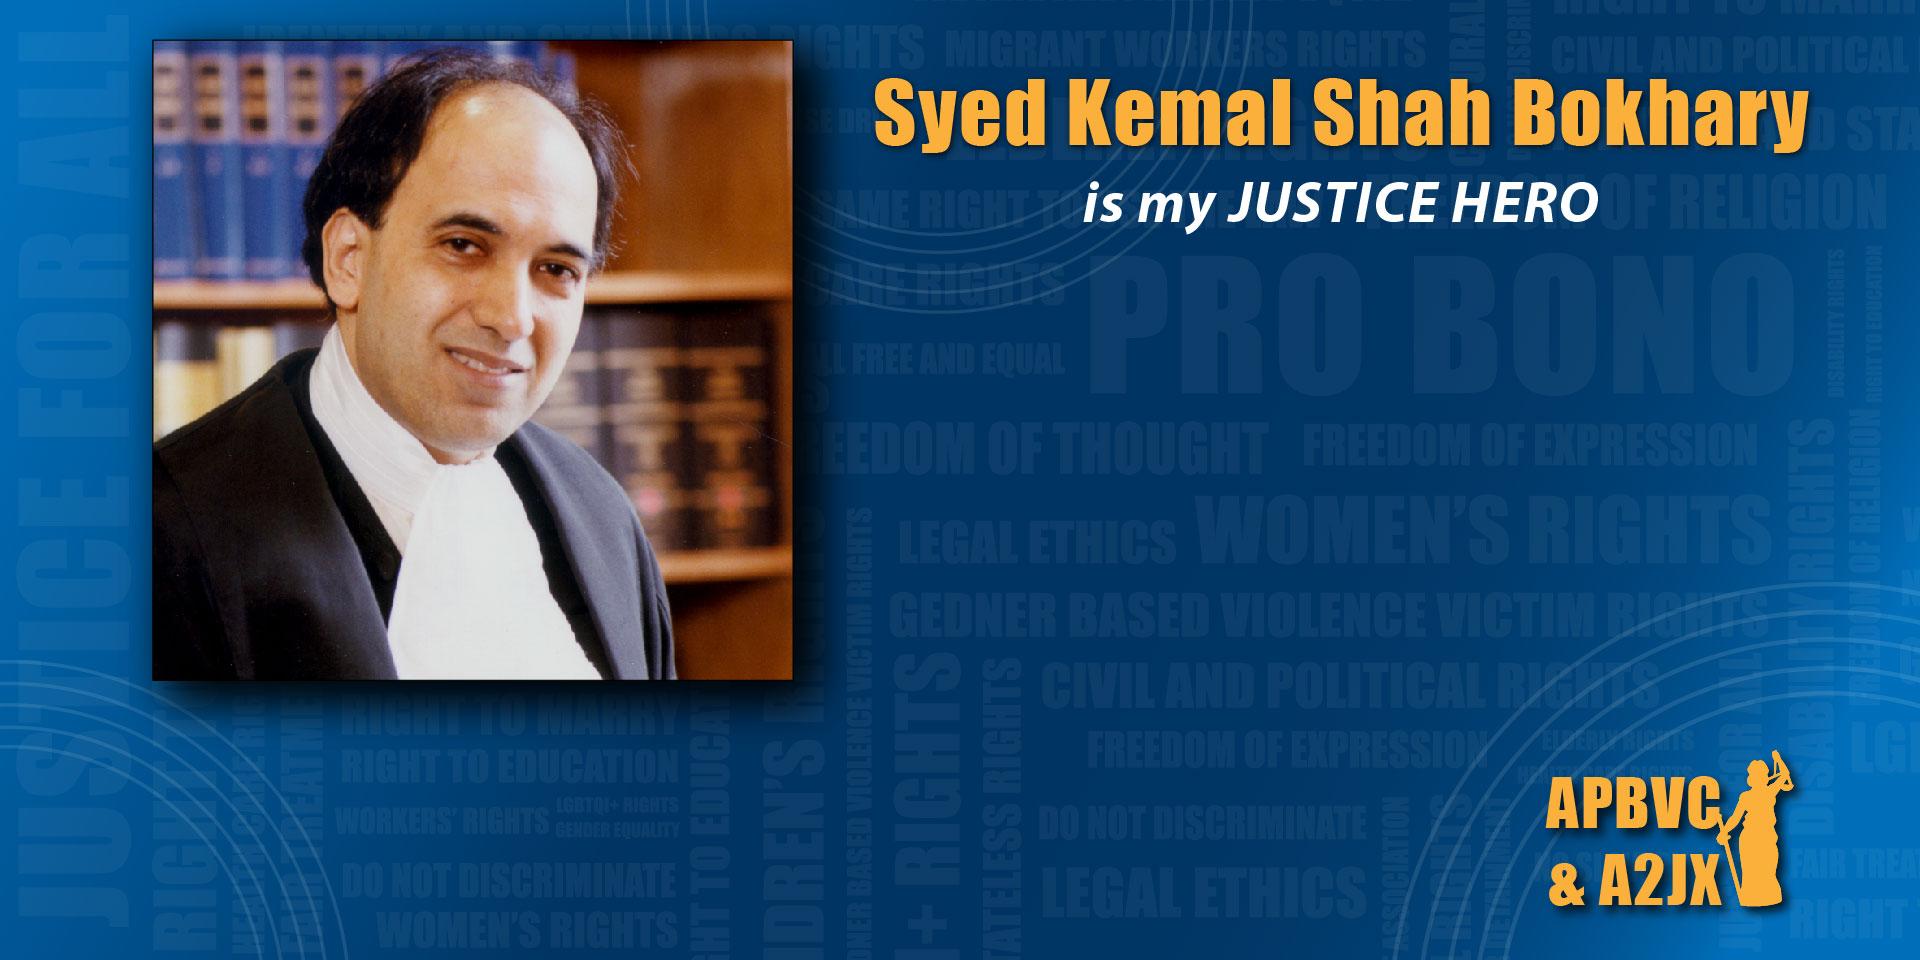 Syed Kemal Shah Bokhary